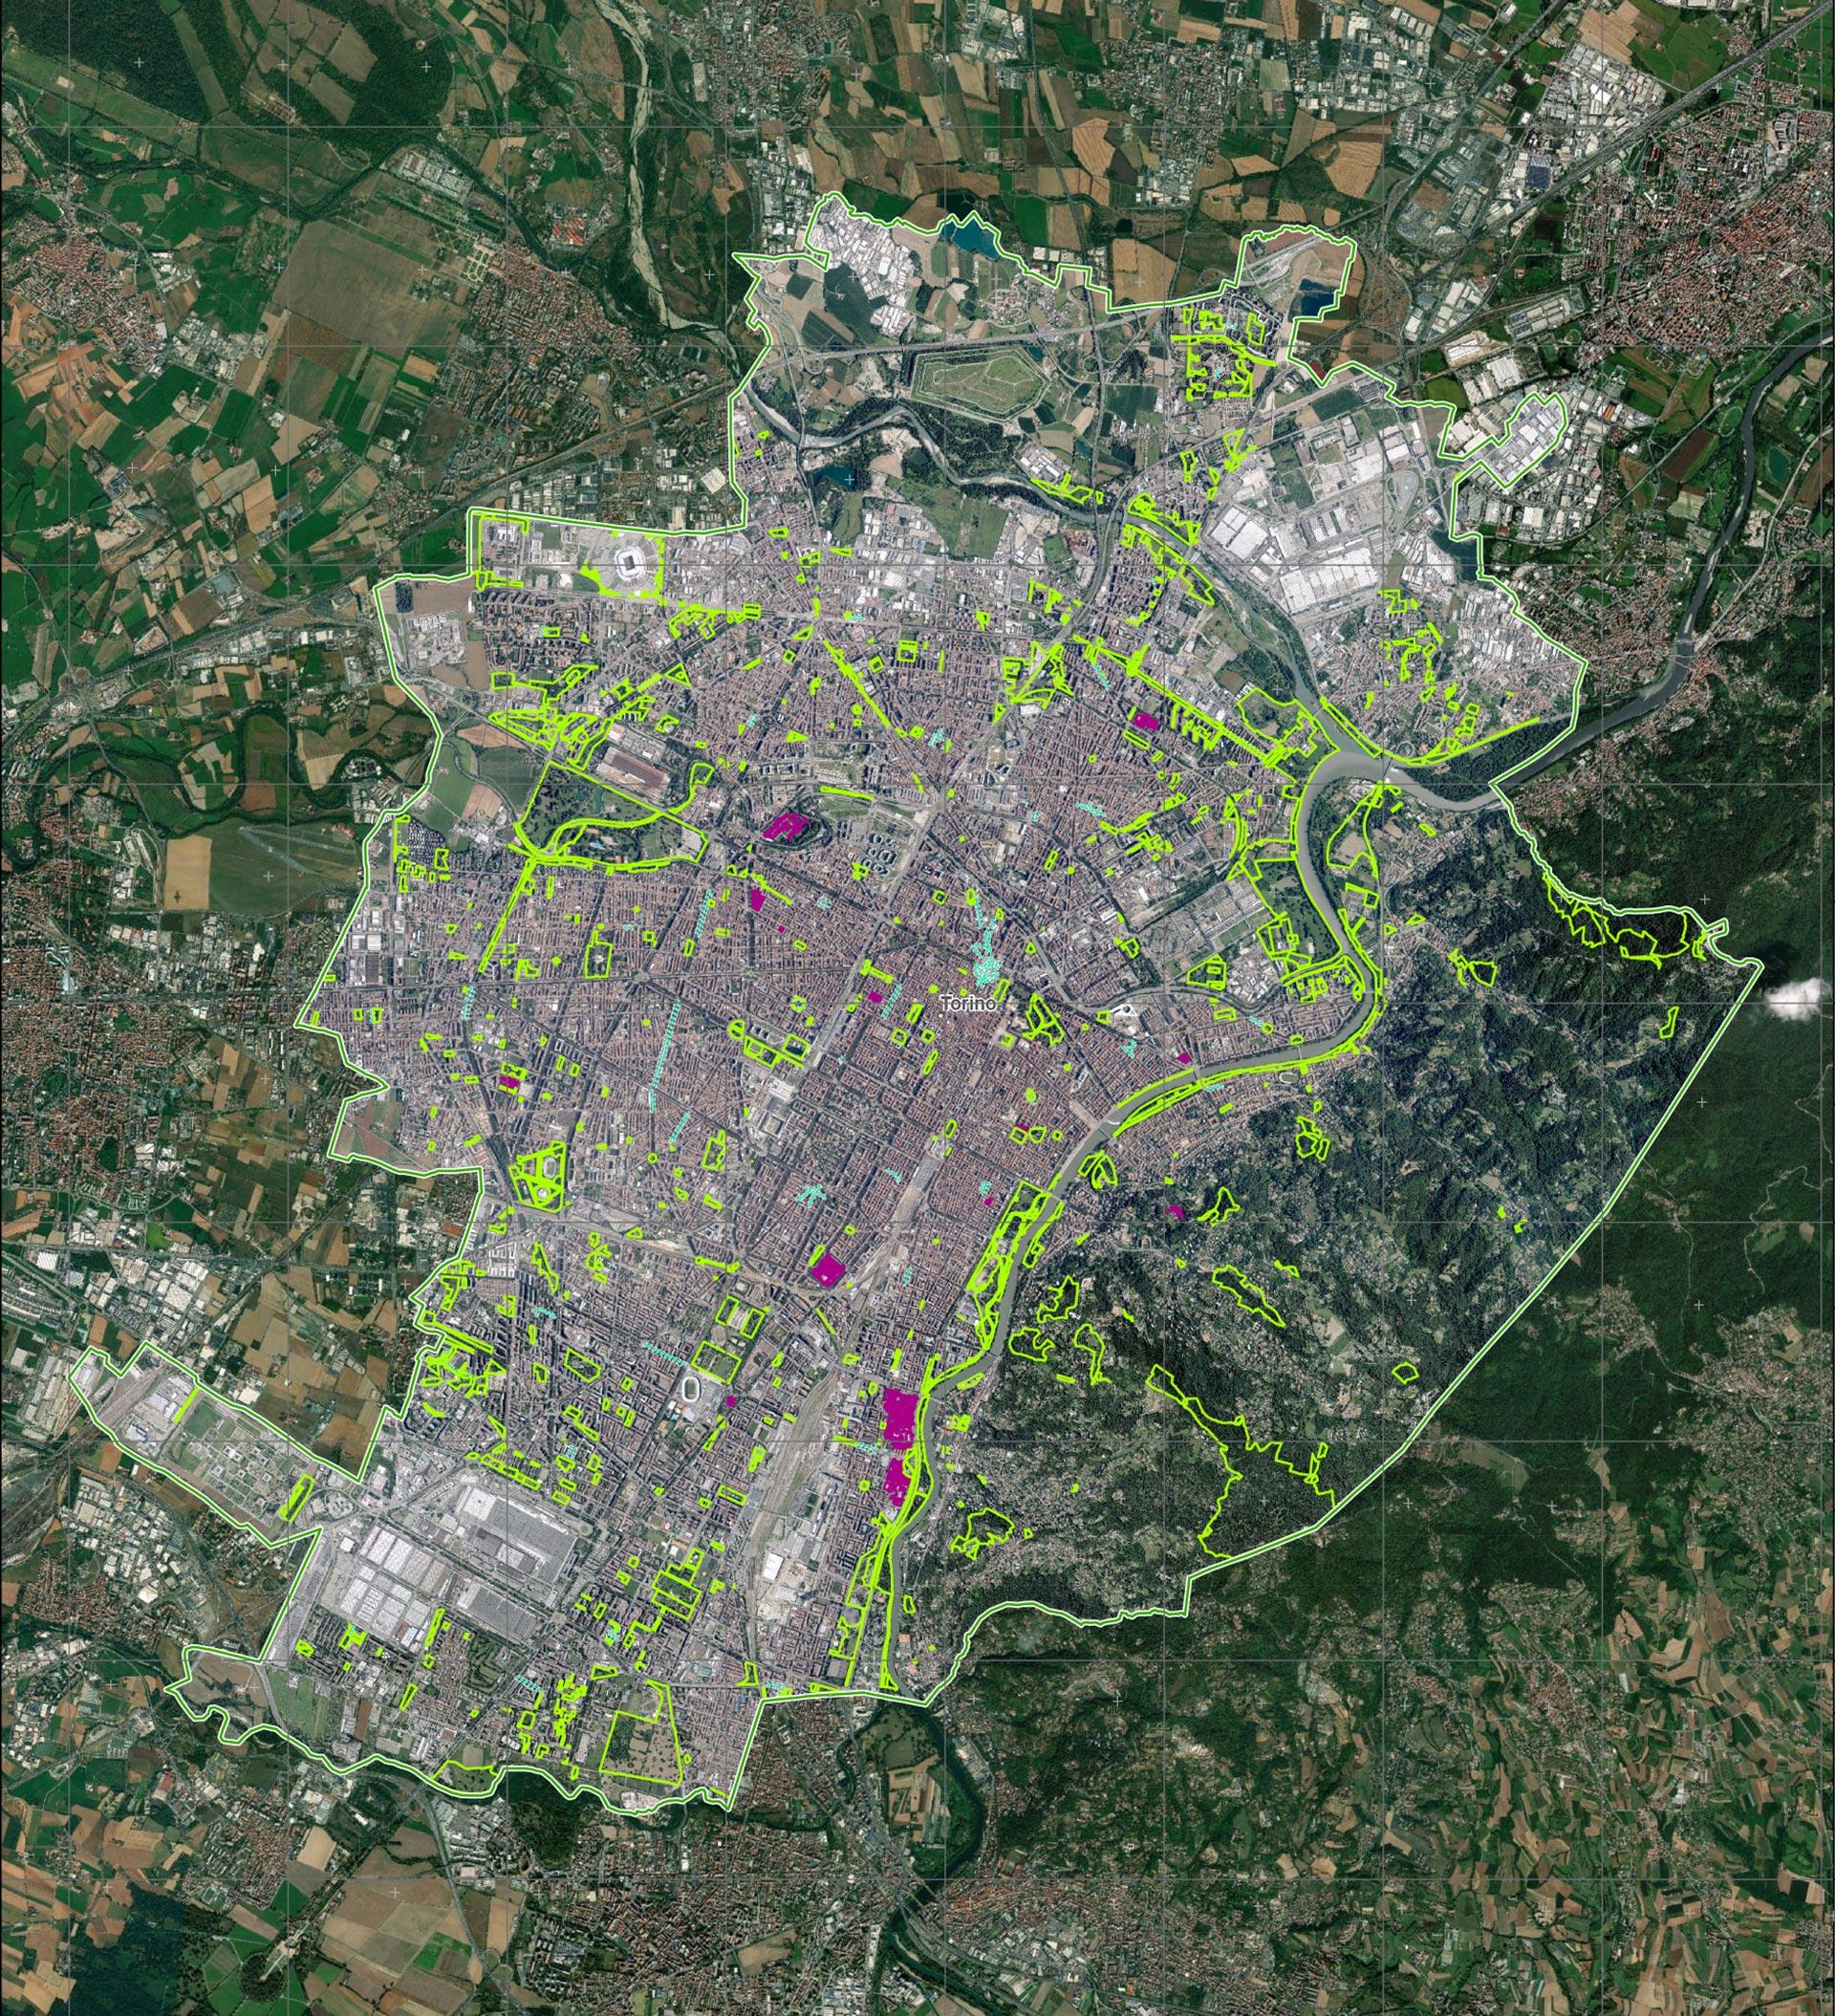 Esta imagen, registrada por el Servicio de Gestión de Emergencias de la UE, muestra a Turín, Italia, desde el espacio, con las áreas resaltadas en color púrpura para marcar los hospitales. Las secciones de color verde muestran las áreas deportivas y recreativas de toda la ciudad y los puntos turquesa son mercados al aire libre